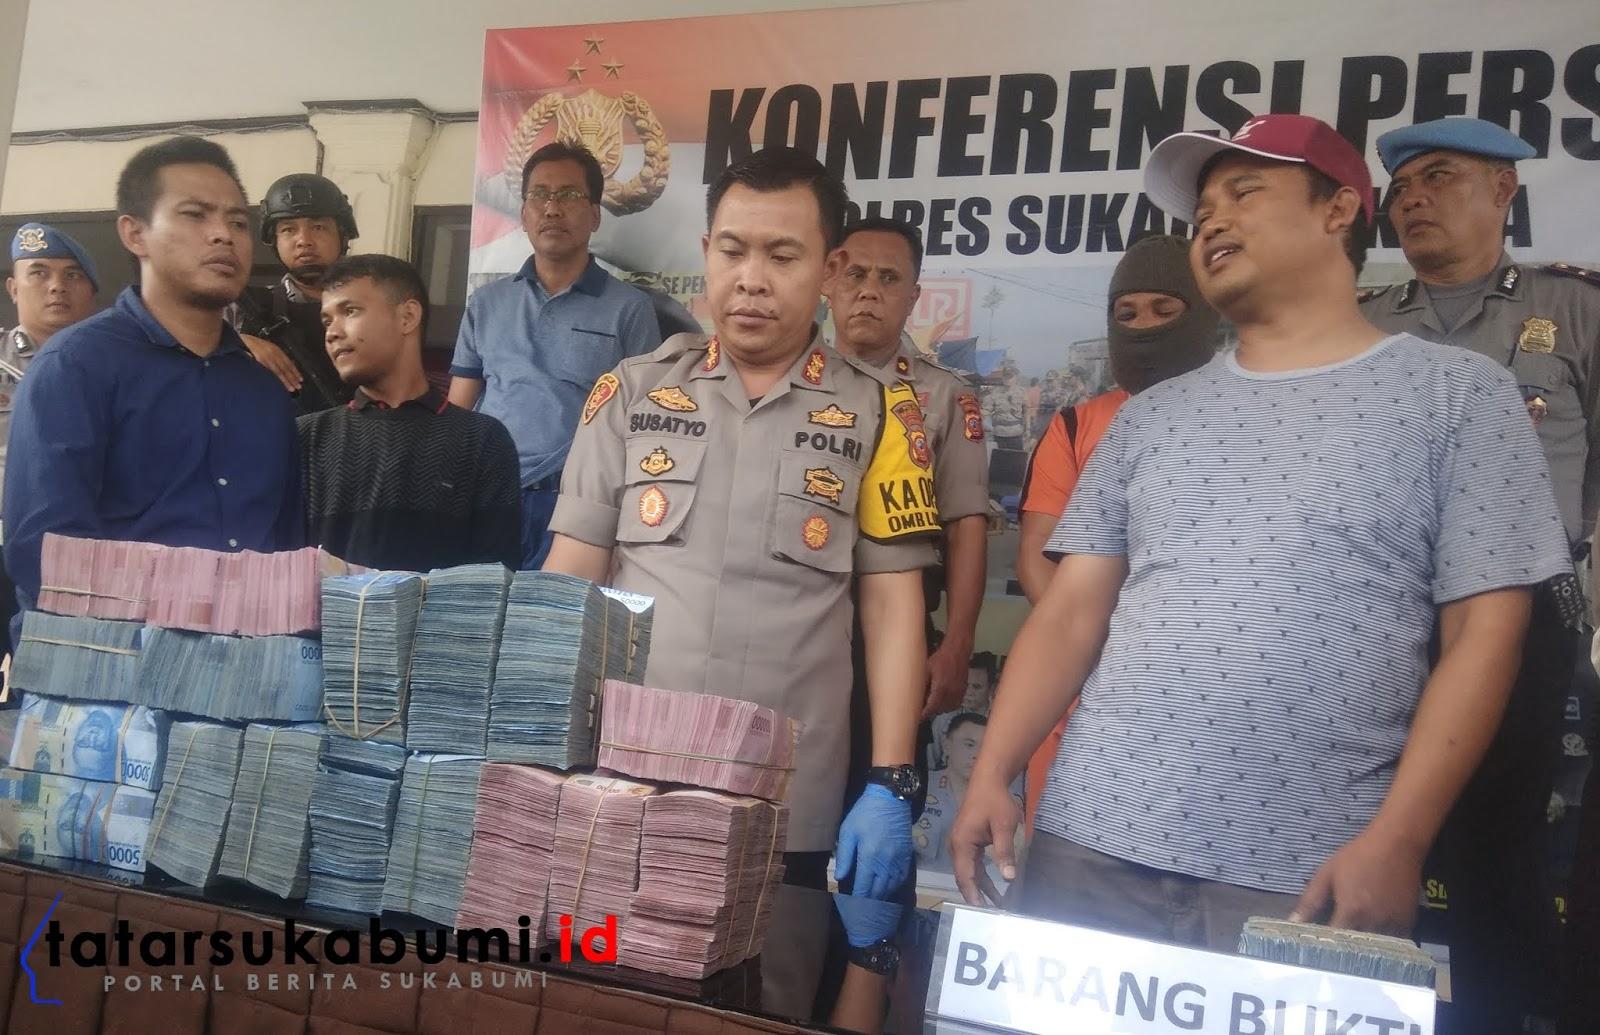 Jarah Uang 1,2 Milyar, Seperti Ini Cara Kawanan Perampok Beraksi di Sukabumi